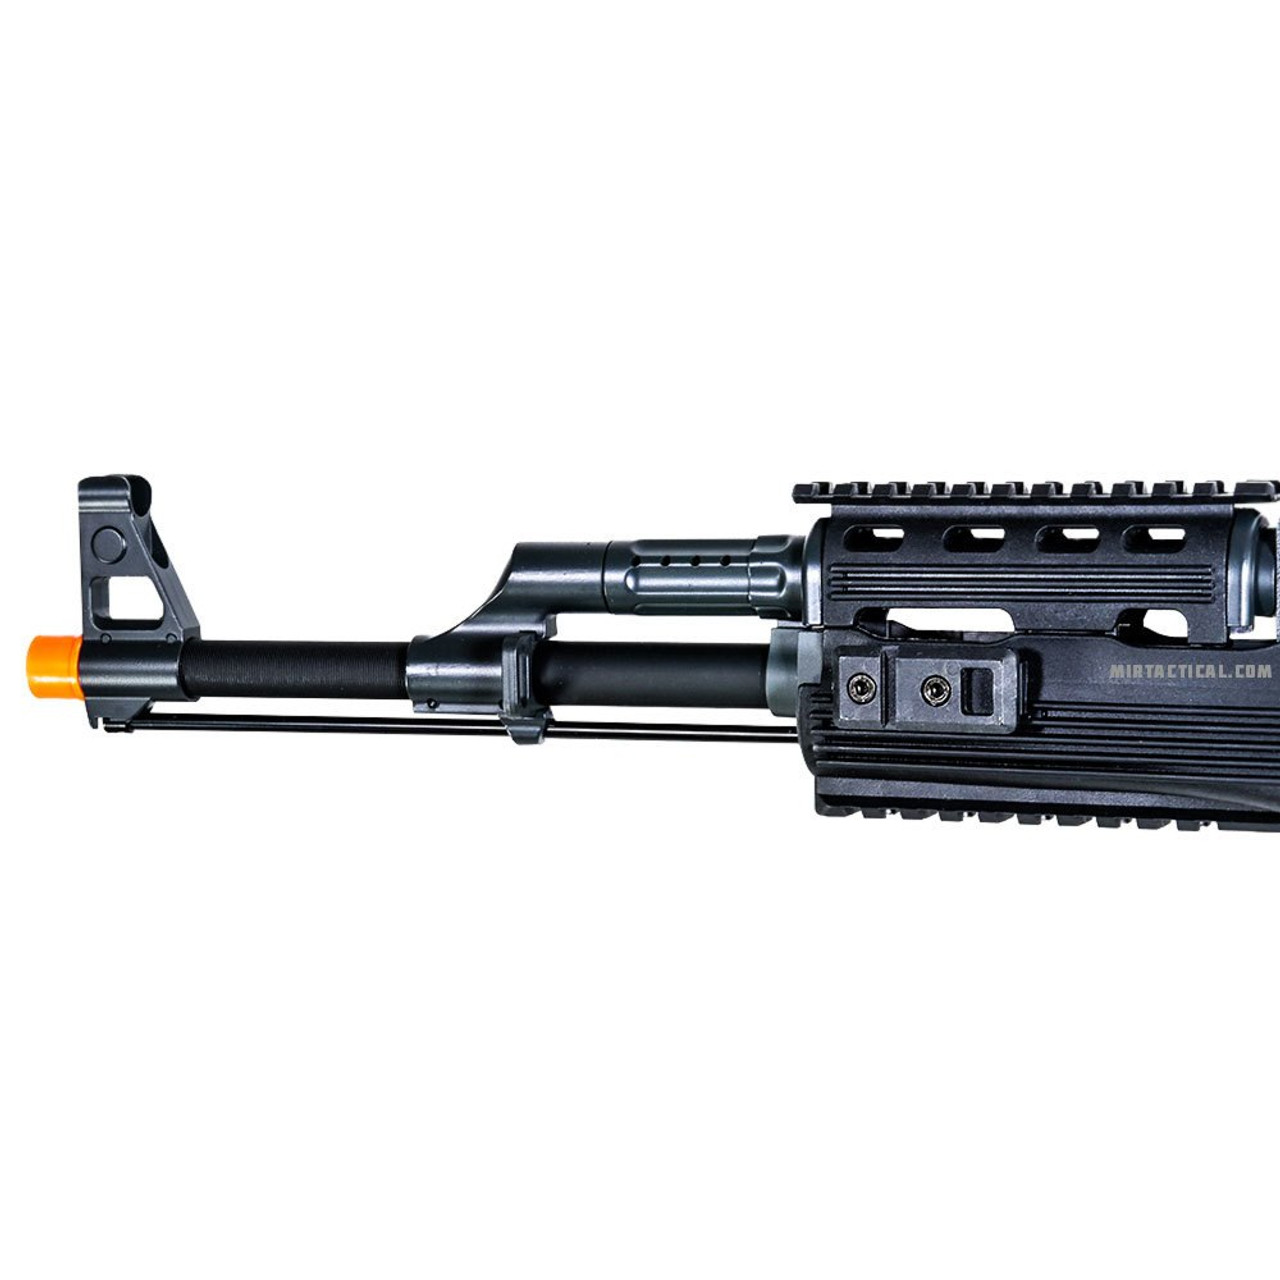 ECHO1 RED STAR AK-47 RIS AIRSOFT CARBINE AEG - BLACK